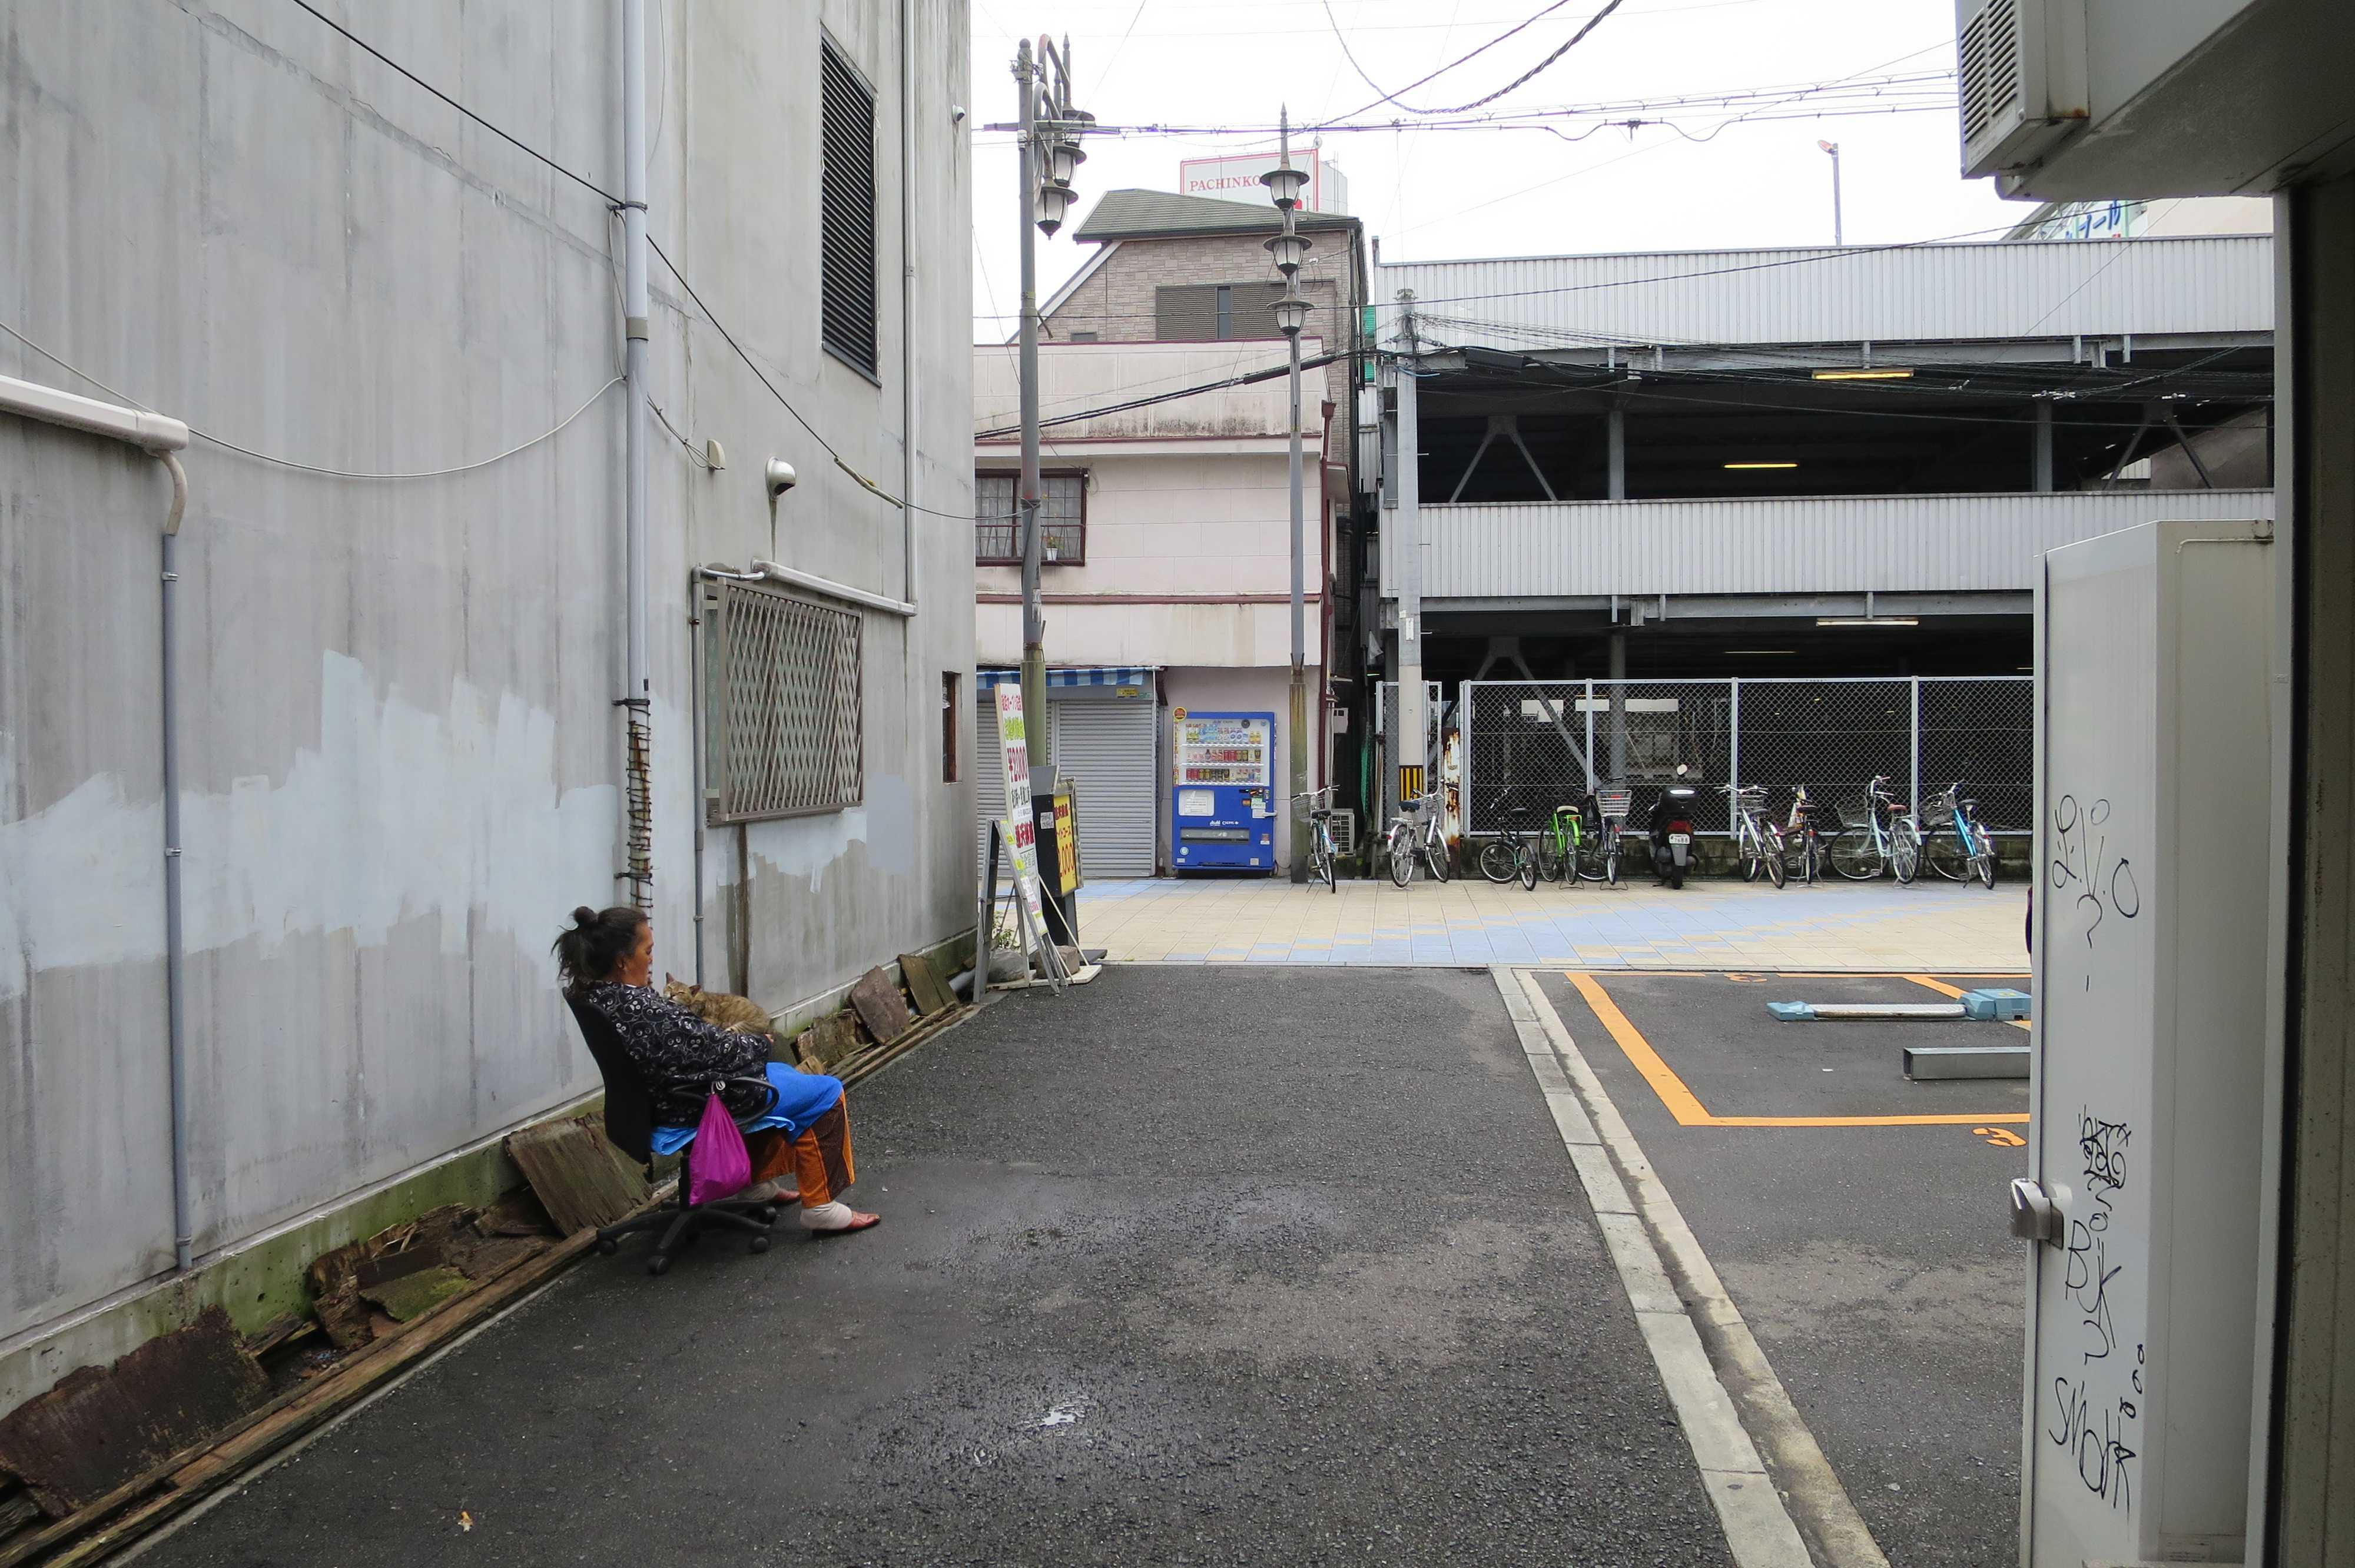 猫と一緒に朝寝(昼寝)するおばさん - 大阪・新世界